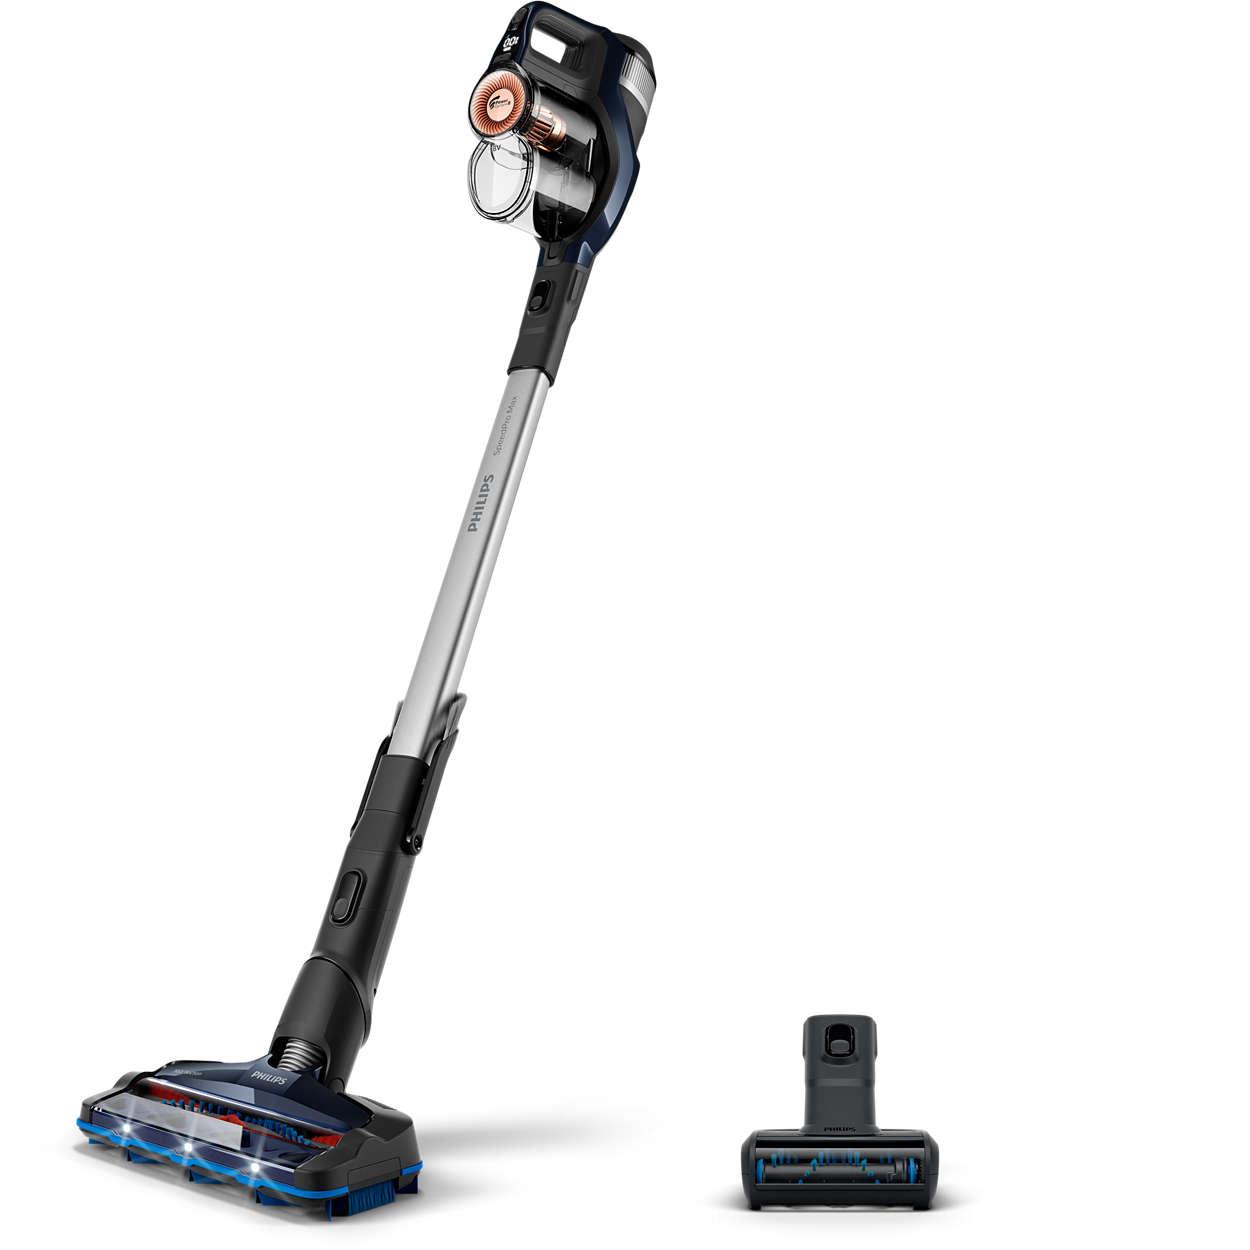 La experiencia de limpieza sin cables más rápida*